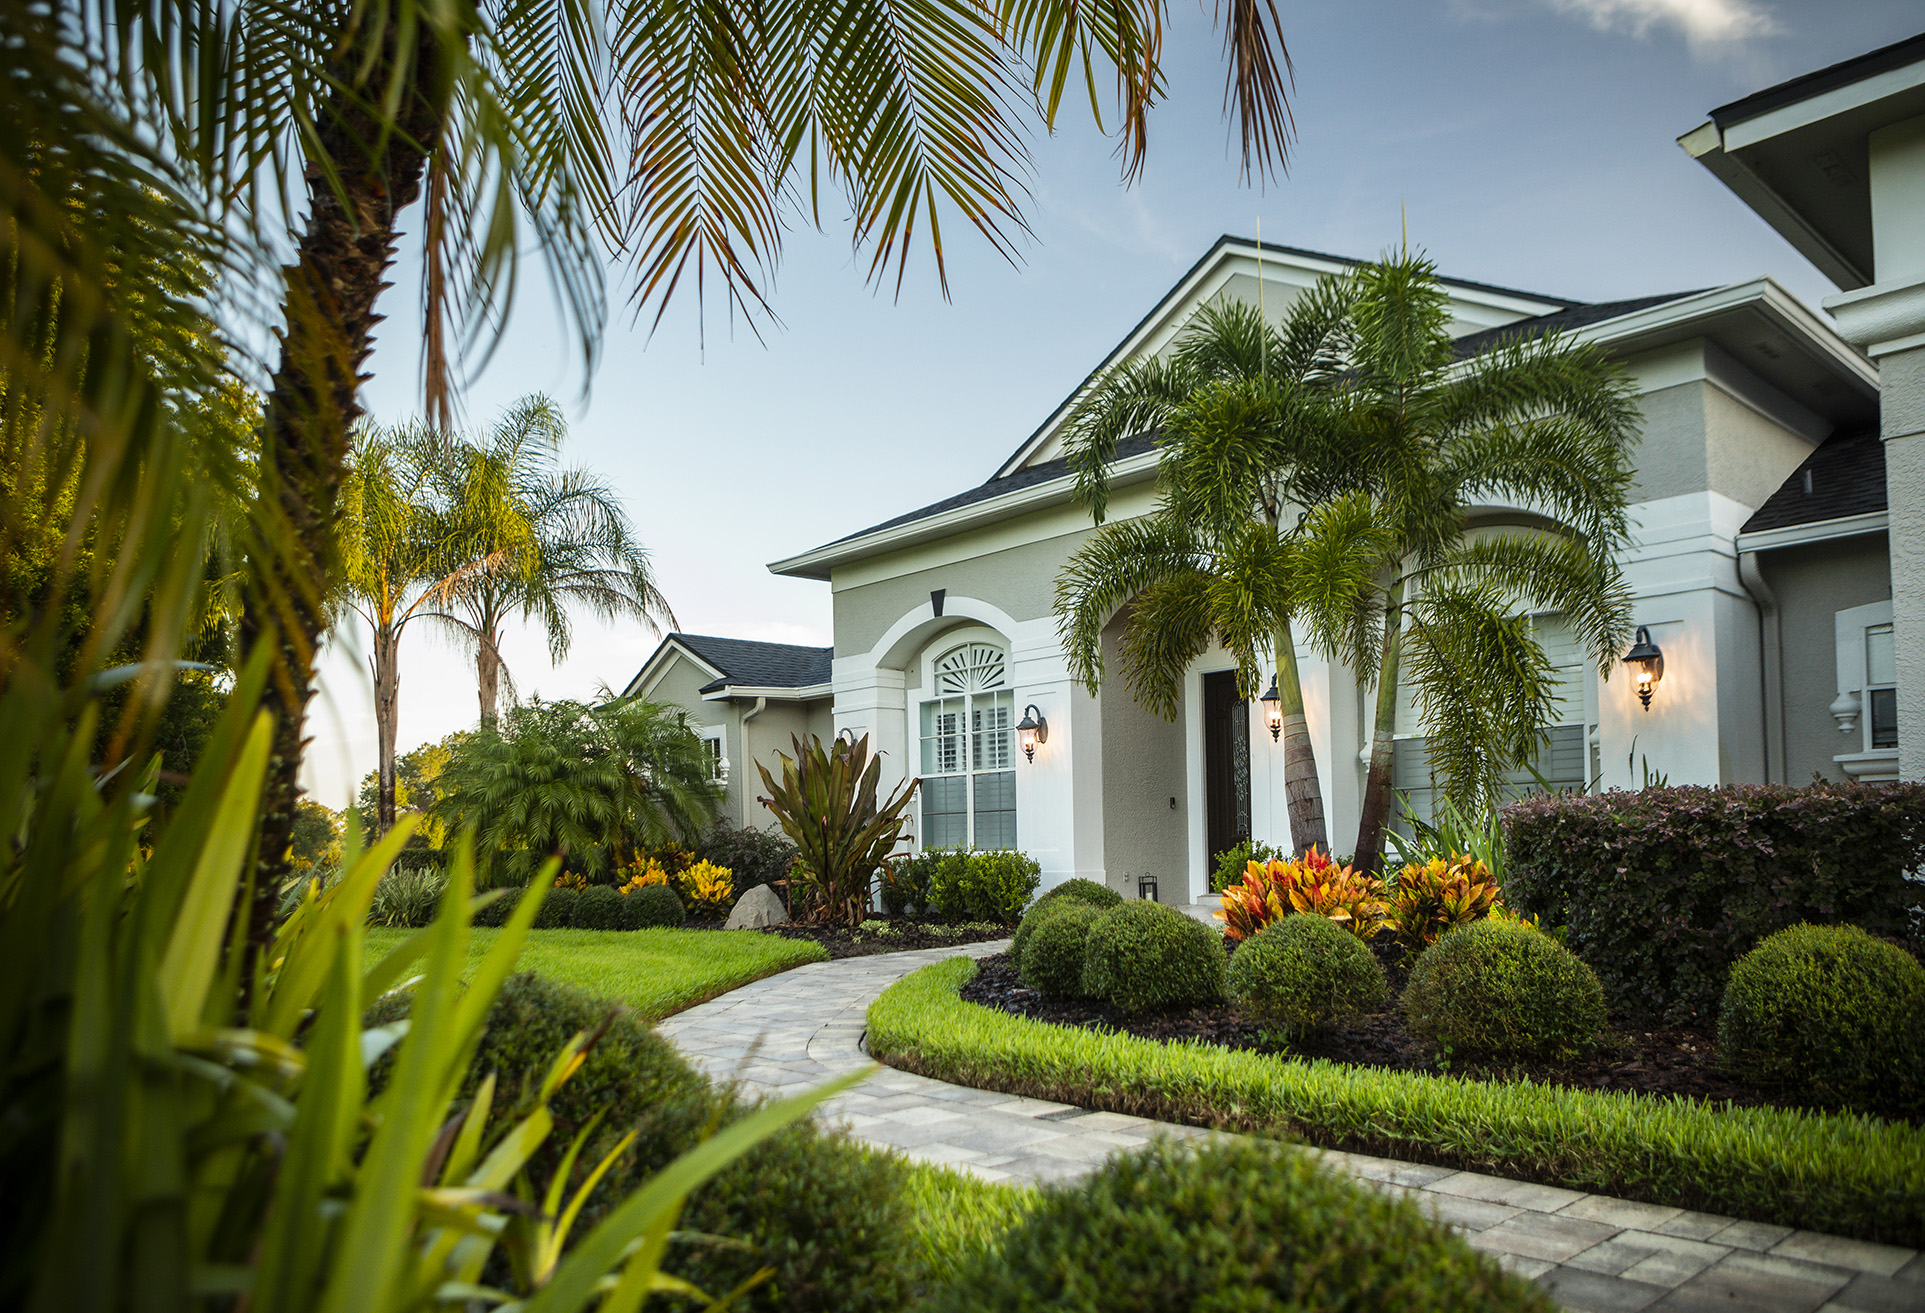 Florida landscape design front entrance